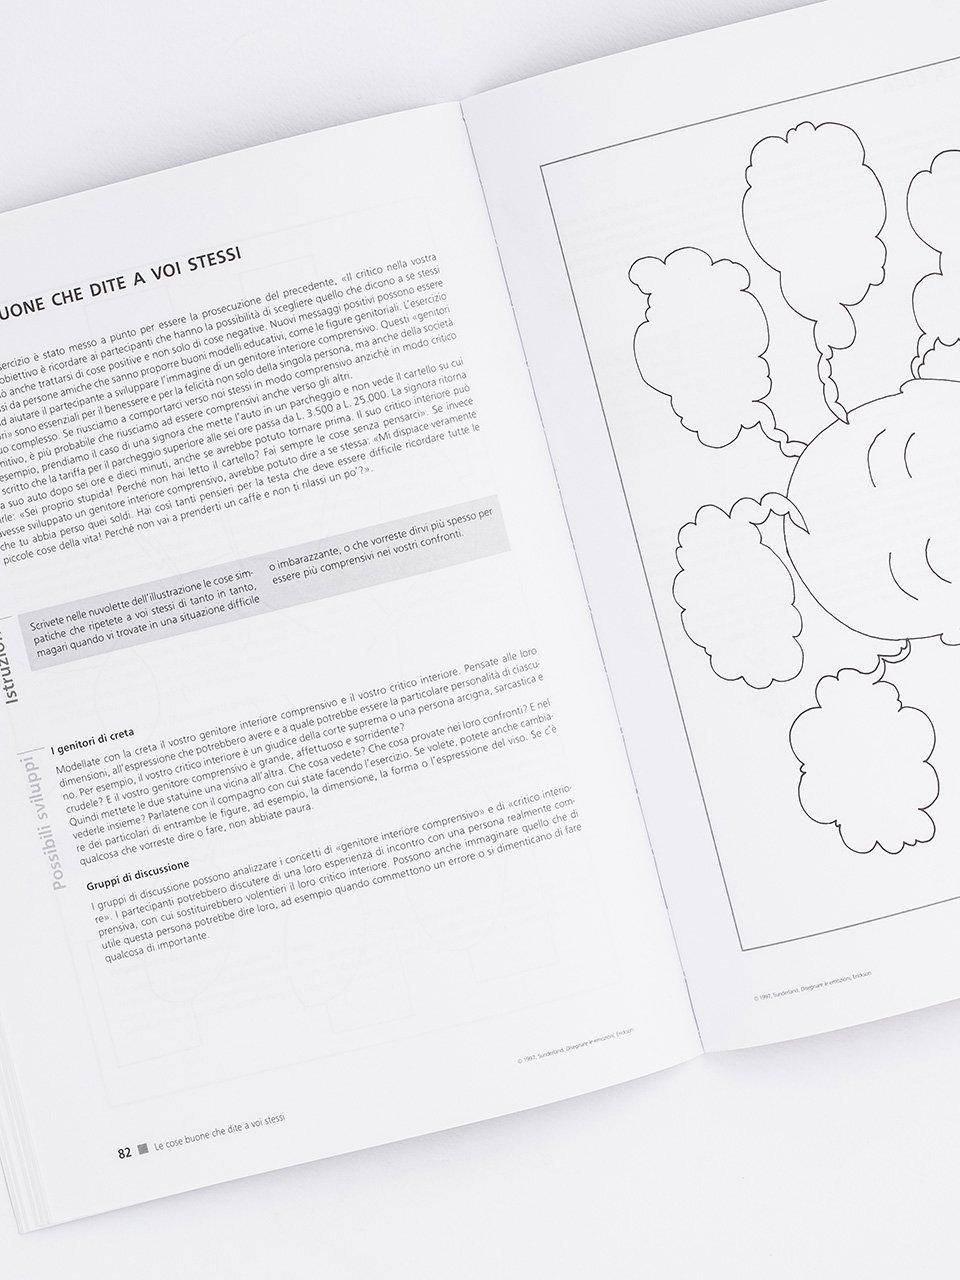 Disegnare le emozioni - Libri - Erickson 2